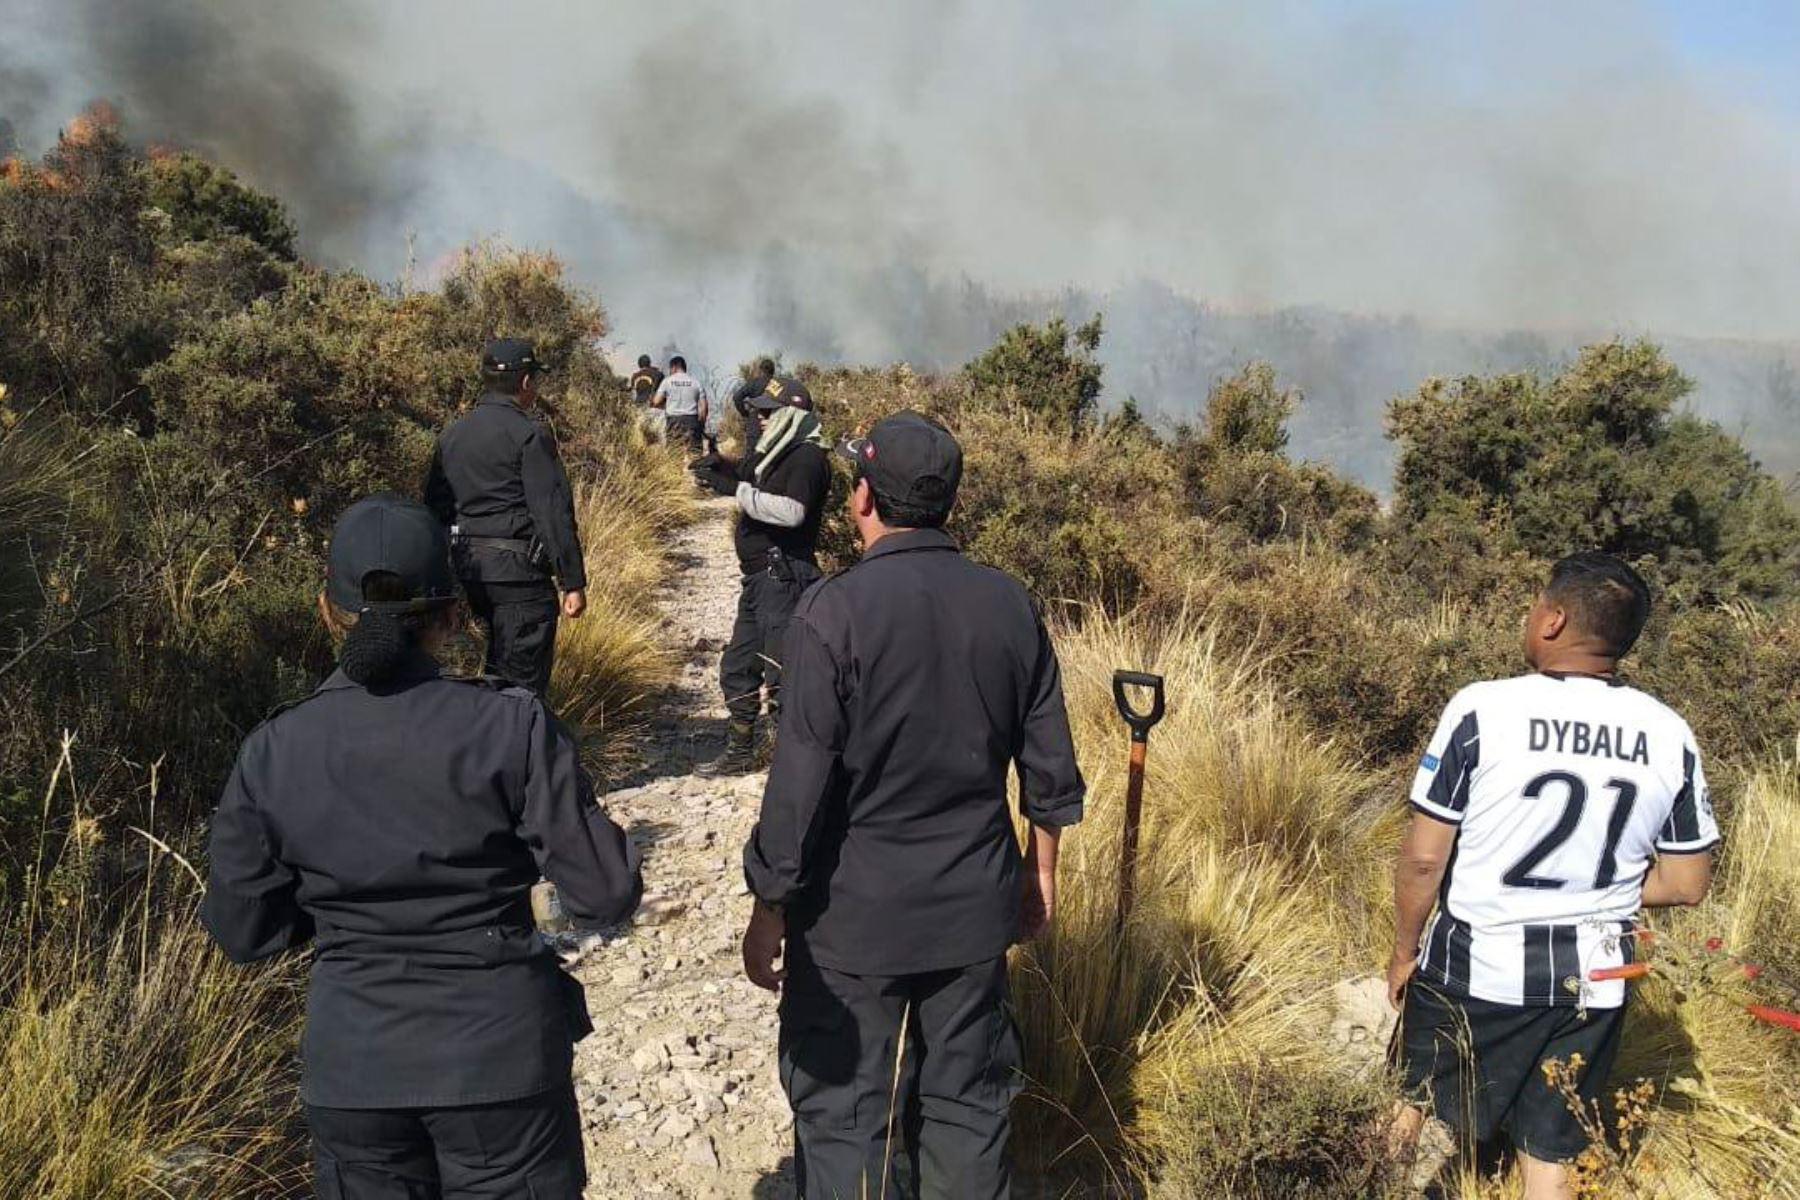 Incendio forestal afecta pastizales y otras áreas naturales de Arequipa. ANDINA/Difusión